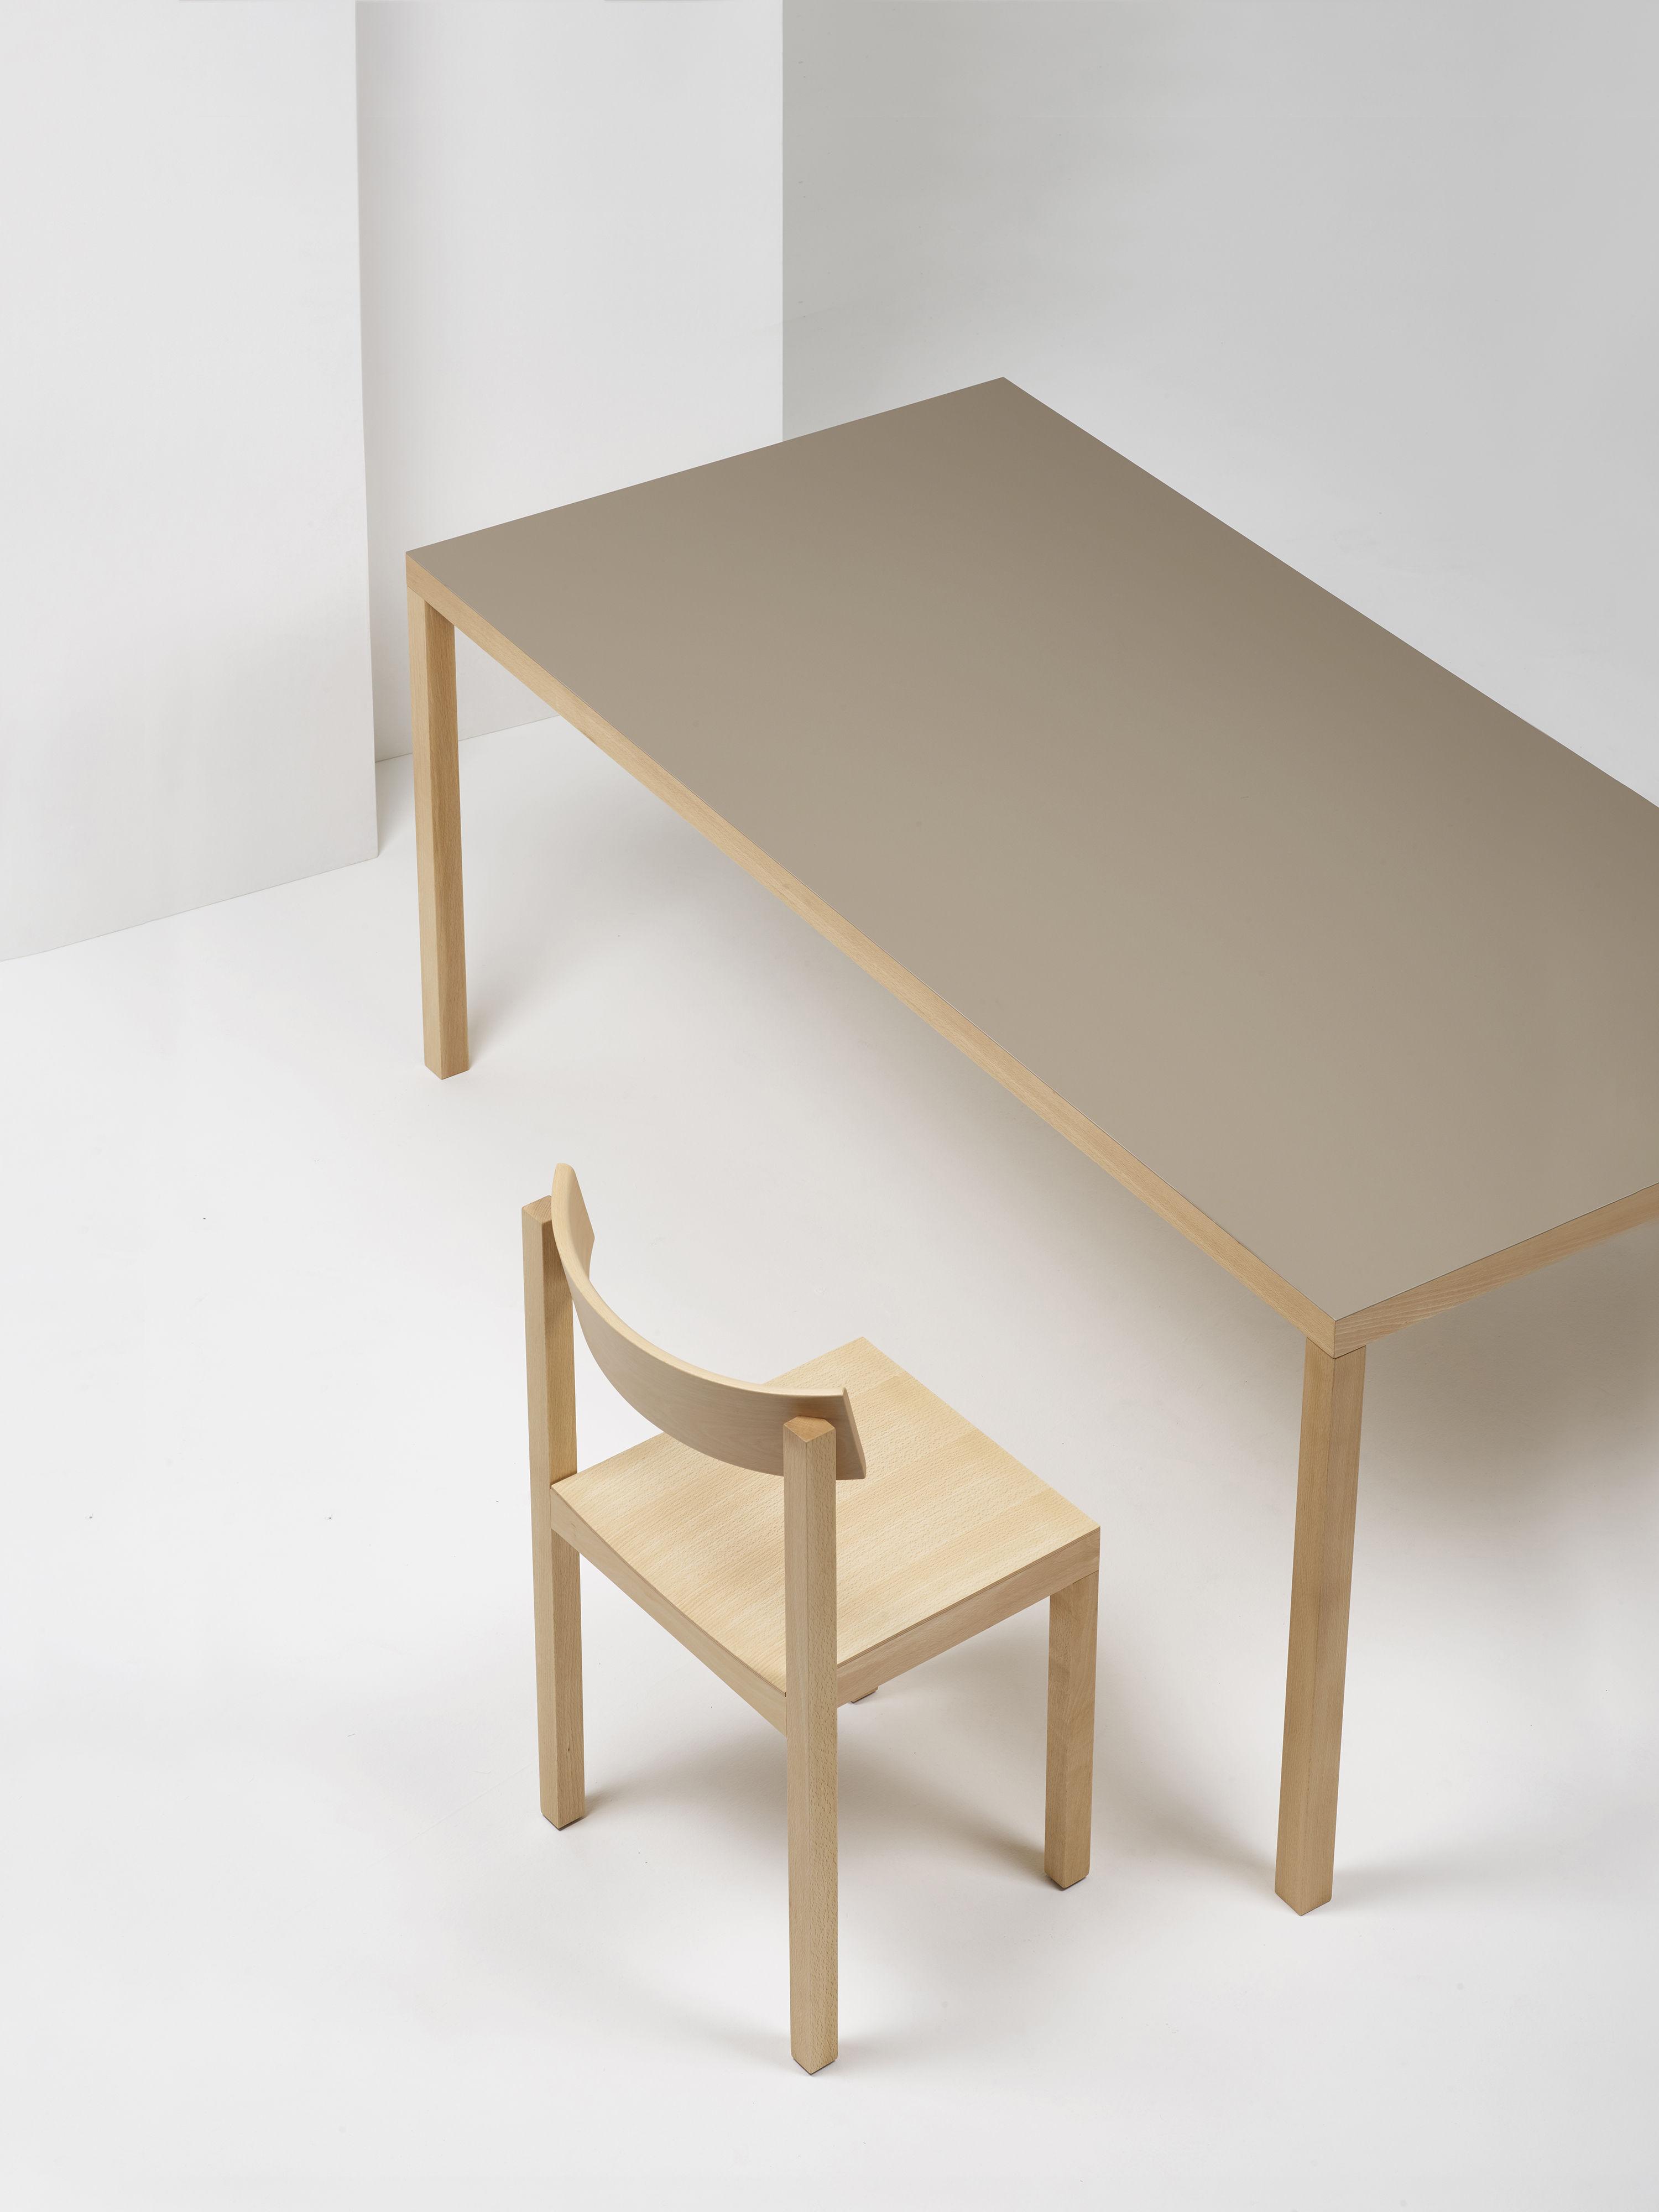 primo 180 bis 90 cm tischplatte fenix ntm mattiazzi tisch. Black Bedroom Furniture Sets. Home Design Ideas